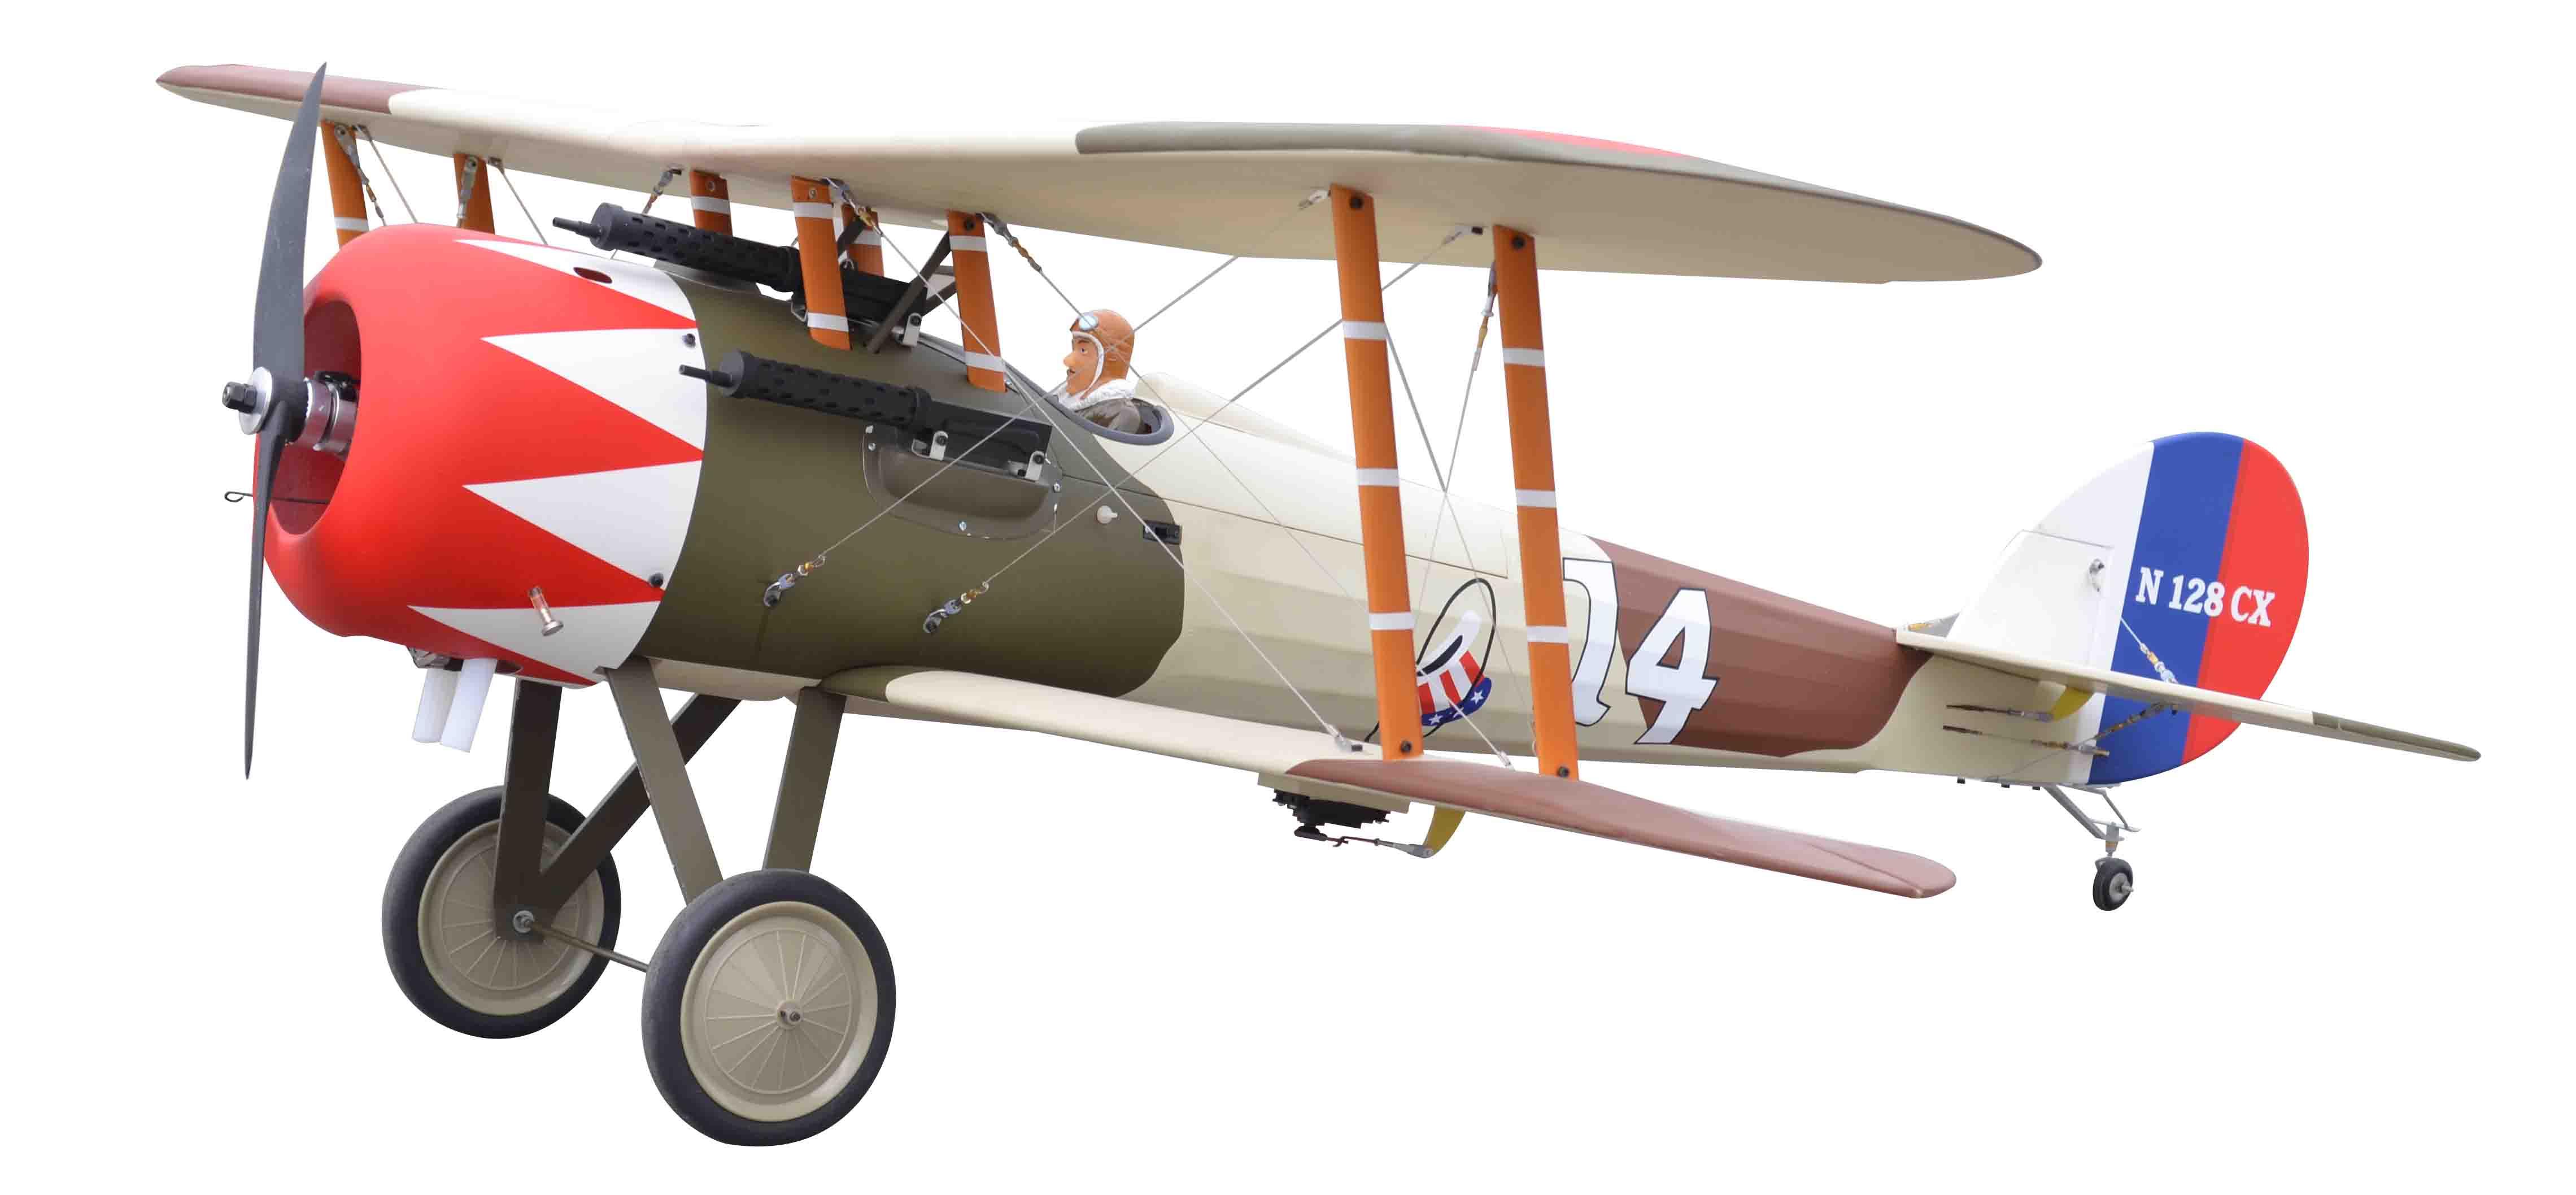 Nieuport 28 Replica Seagull Models